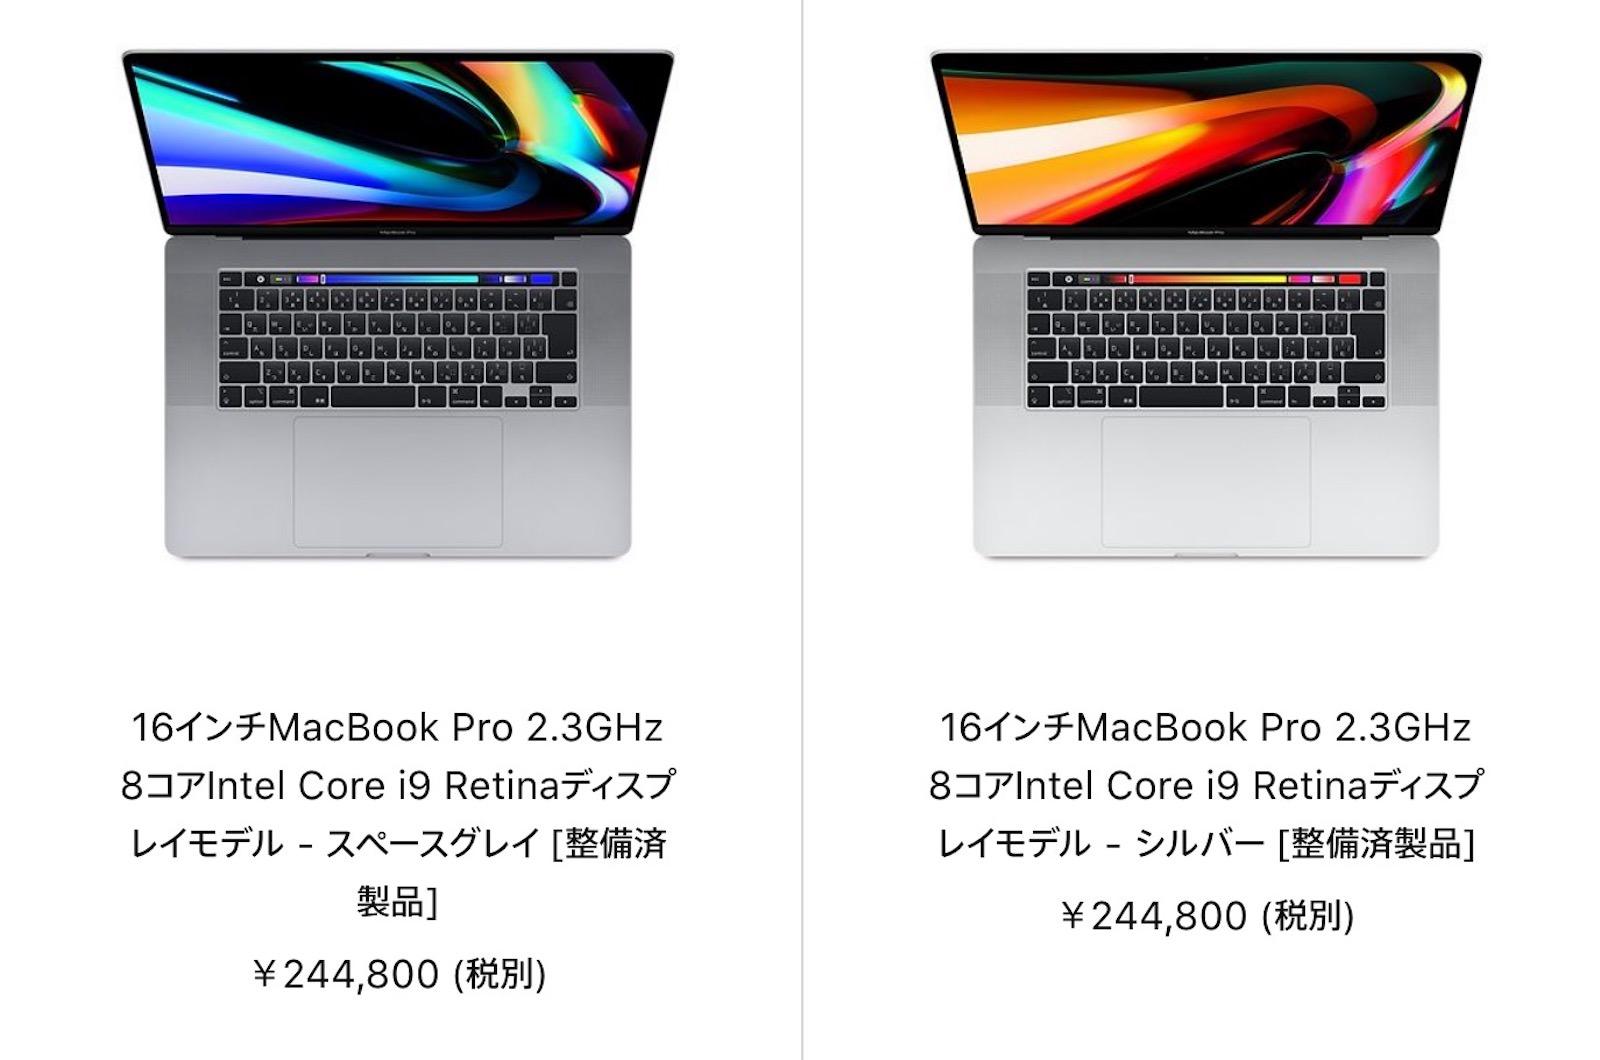 Macbookpro 16inch refurbished